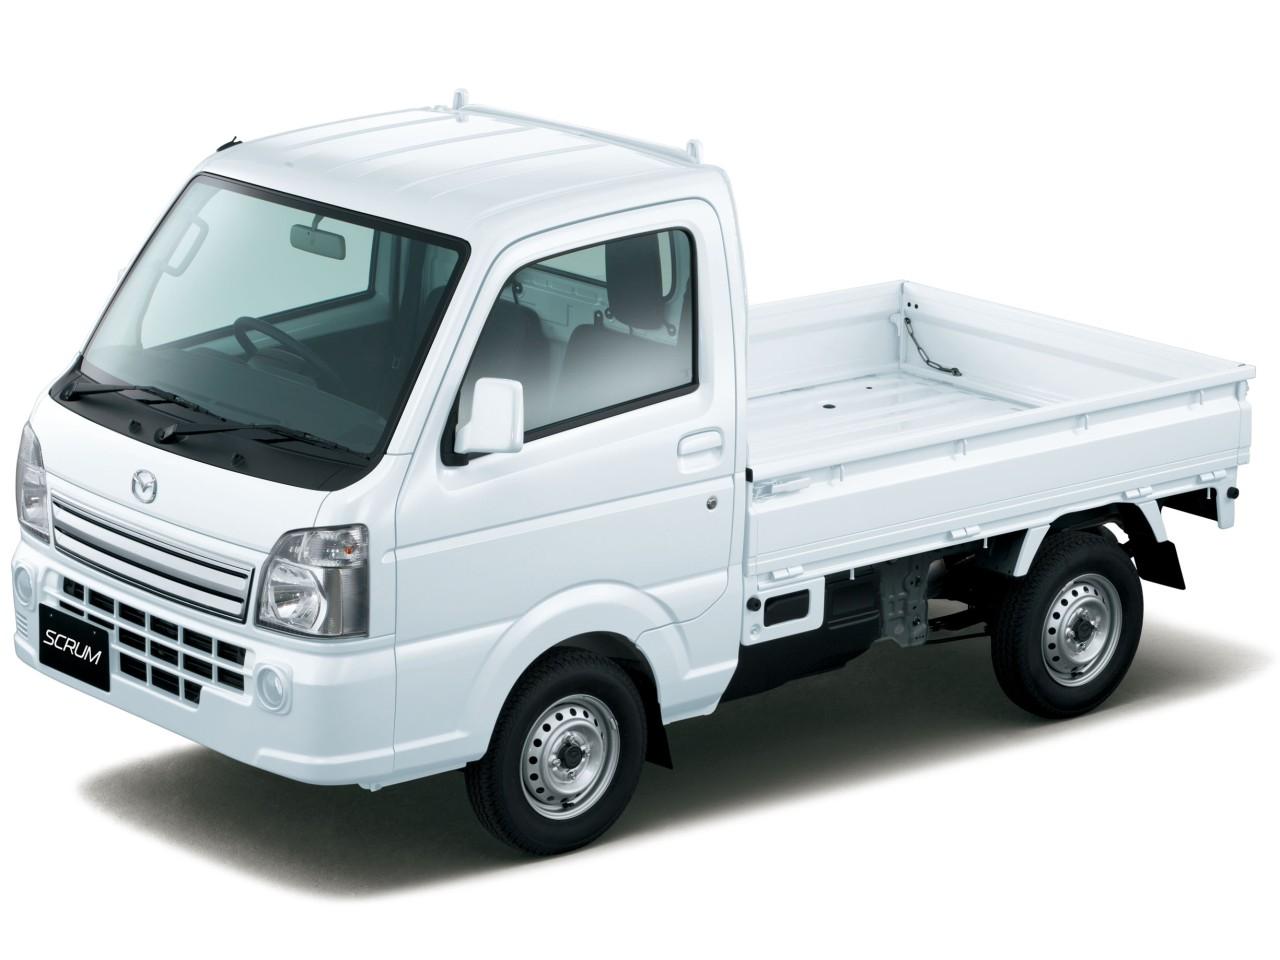 マツダ スクラム トラック 2013年モデル 新車画像